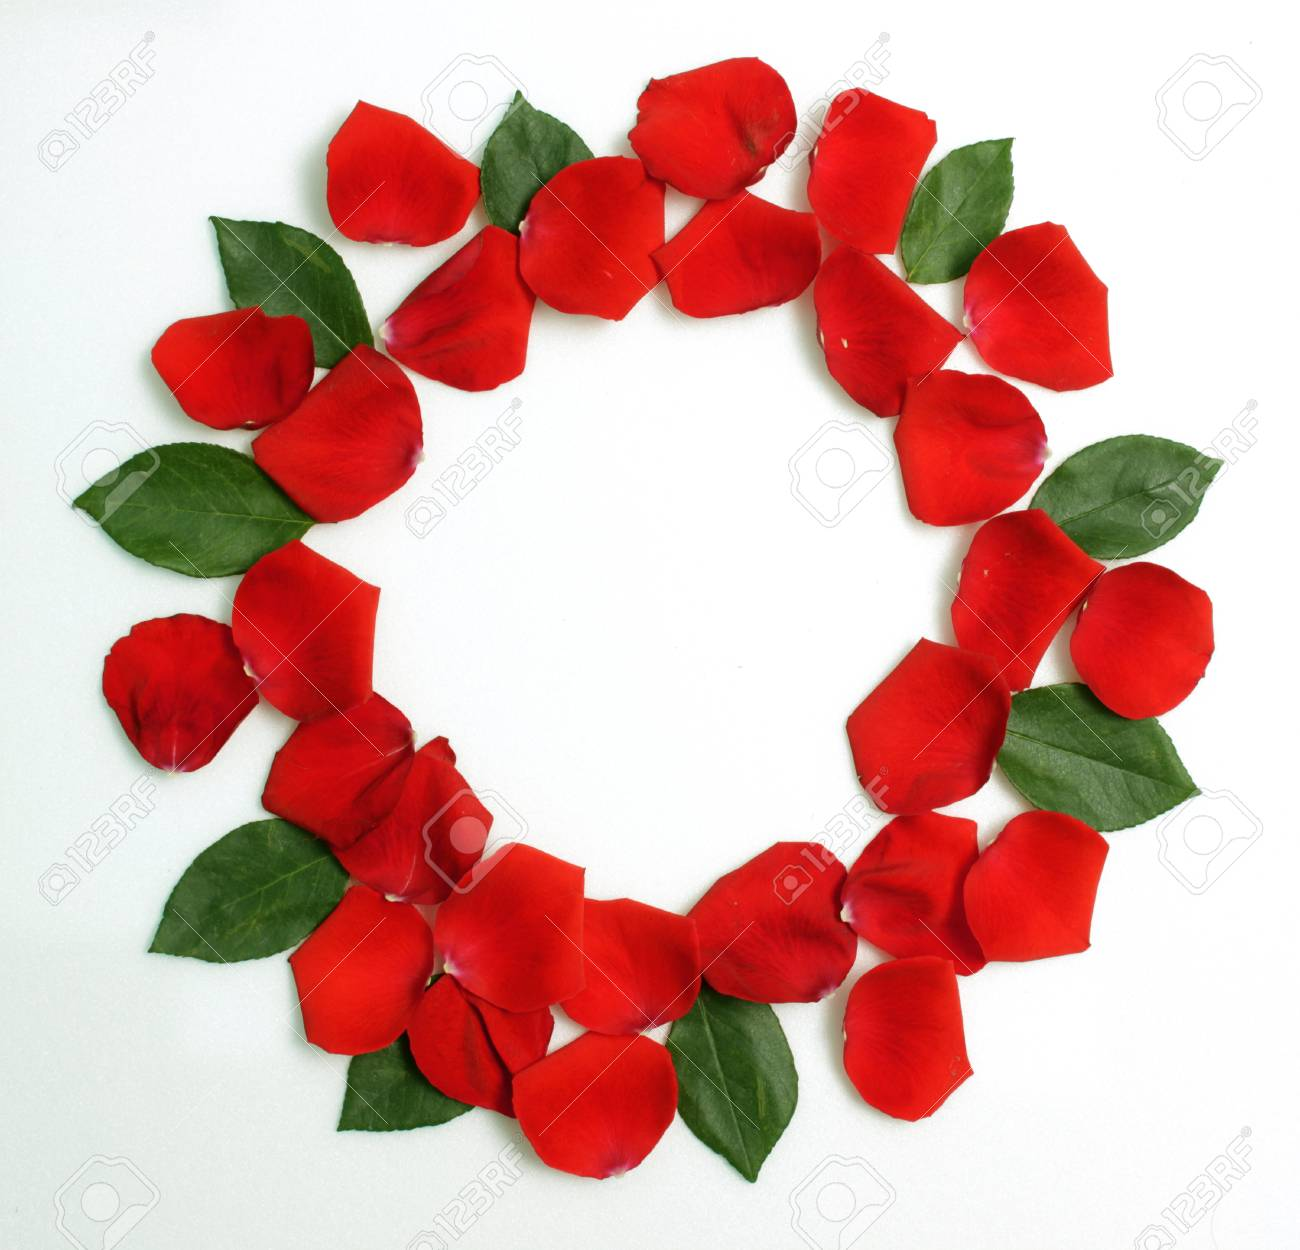 Marco Floral Redondo De Pétalos De Rosas Rojas Con Hojas Verdes ...